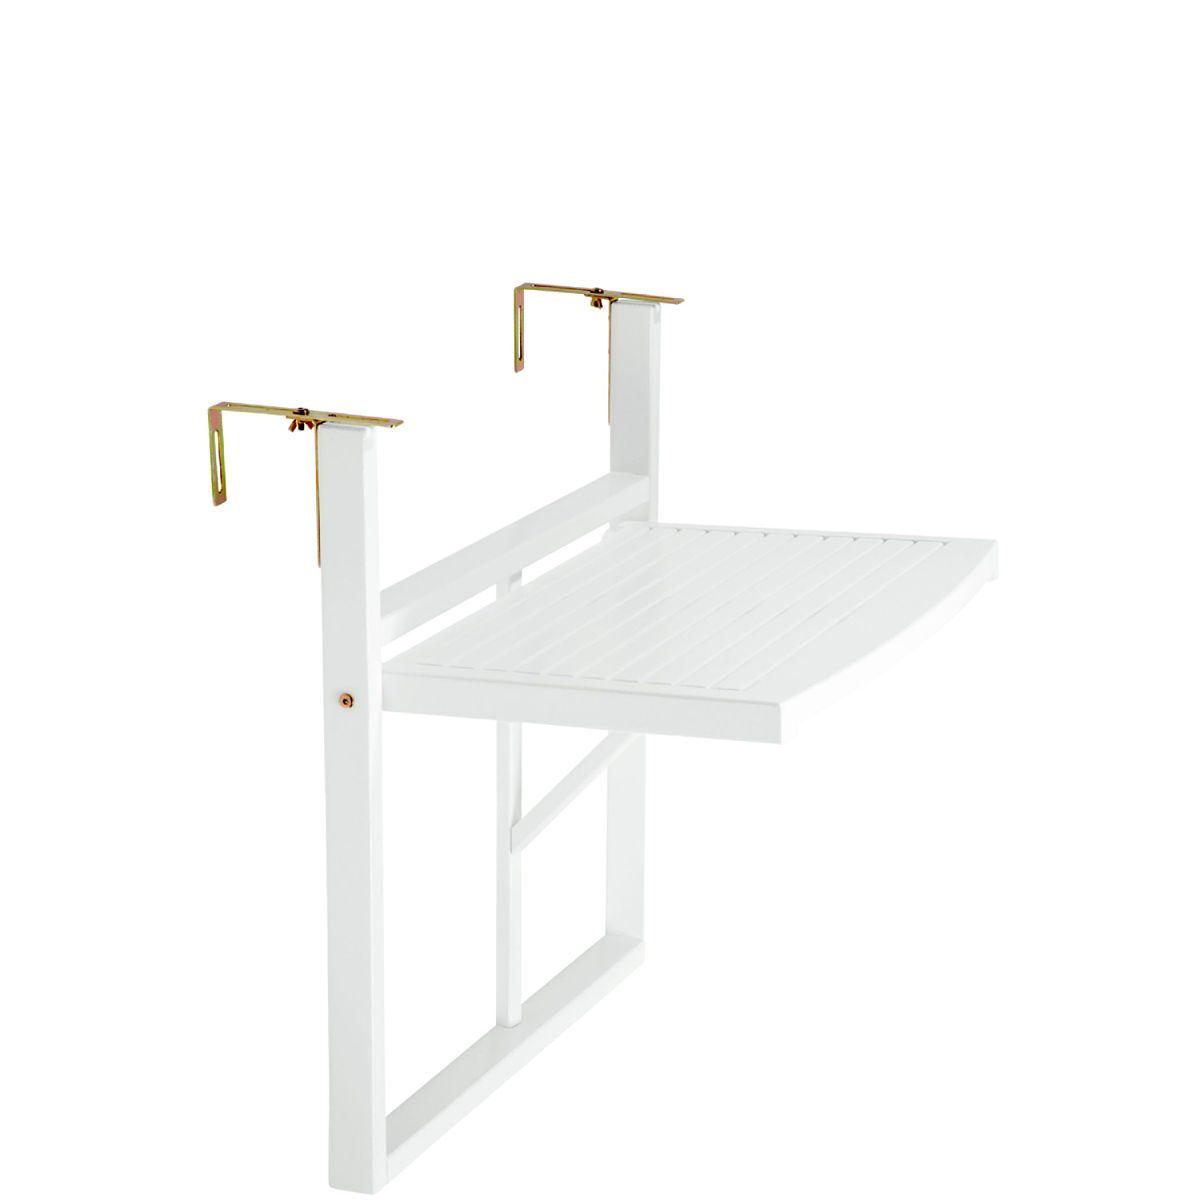 lodge klapptisch f r balkongel nder wei butlers sterreich creative home details. Black Bedroom Furniture Sets. Home Design Ideas